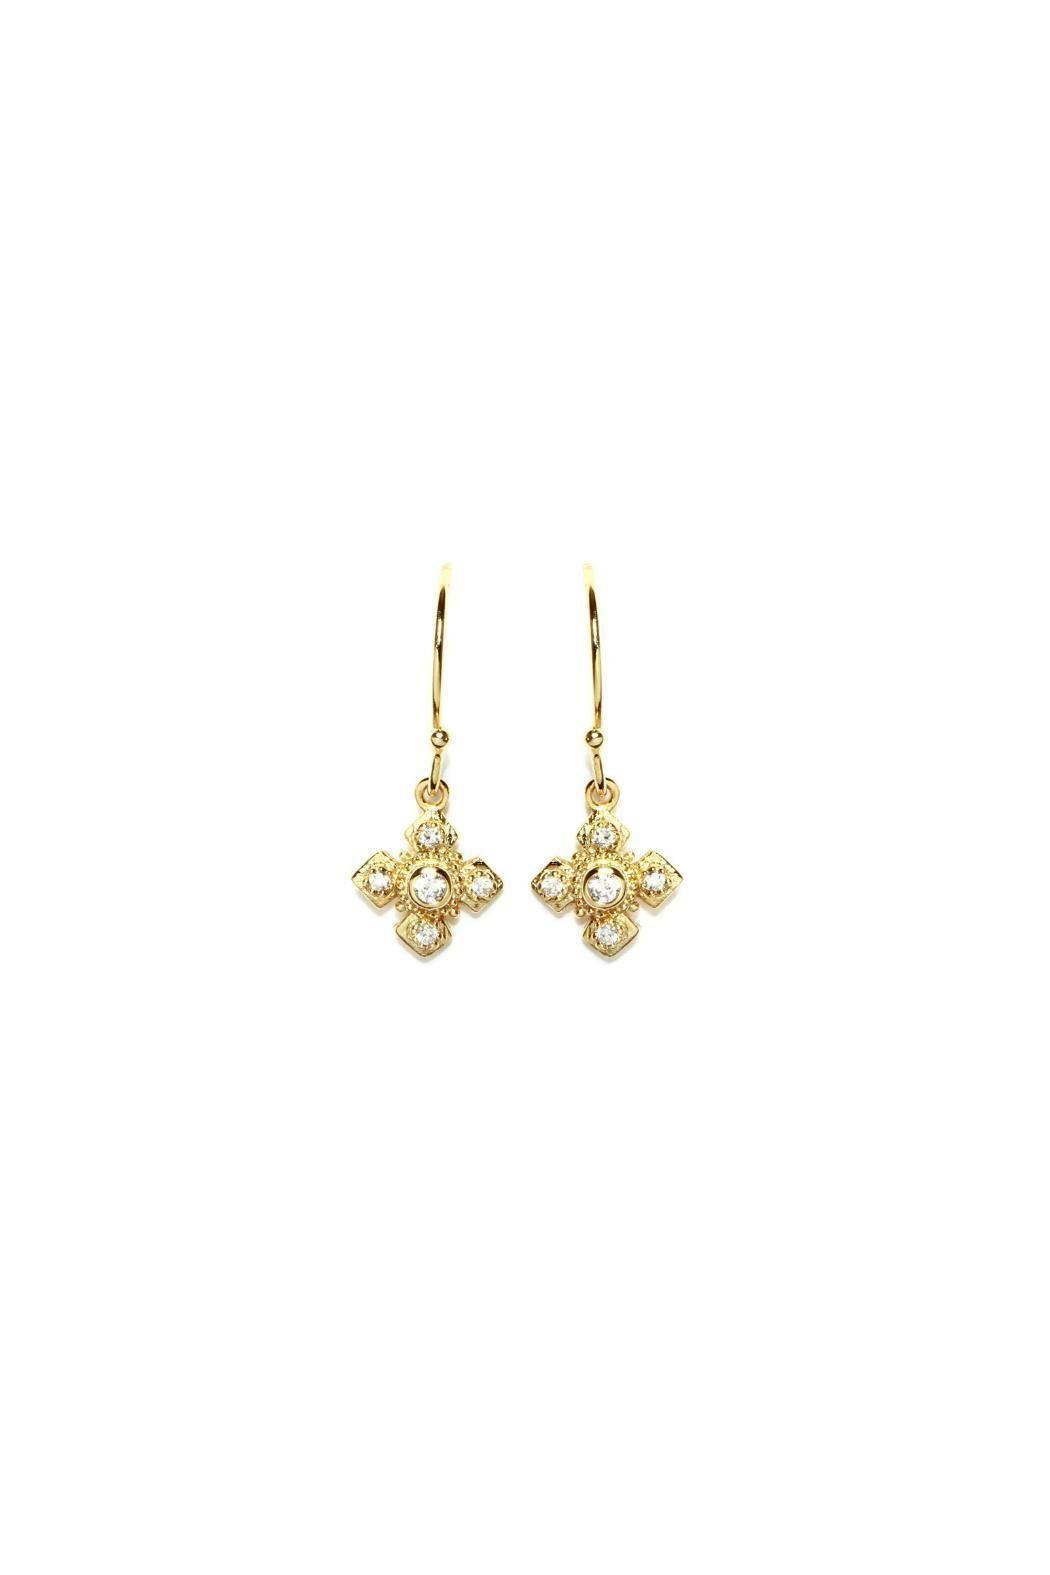 Gemma Collection Byzantine Cross Earrings | Wire crosses, Cross ...